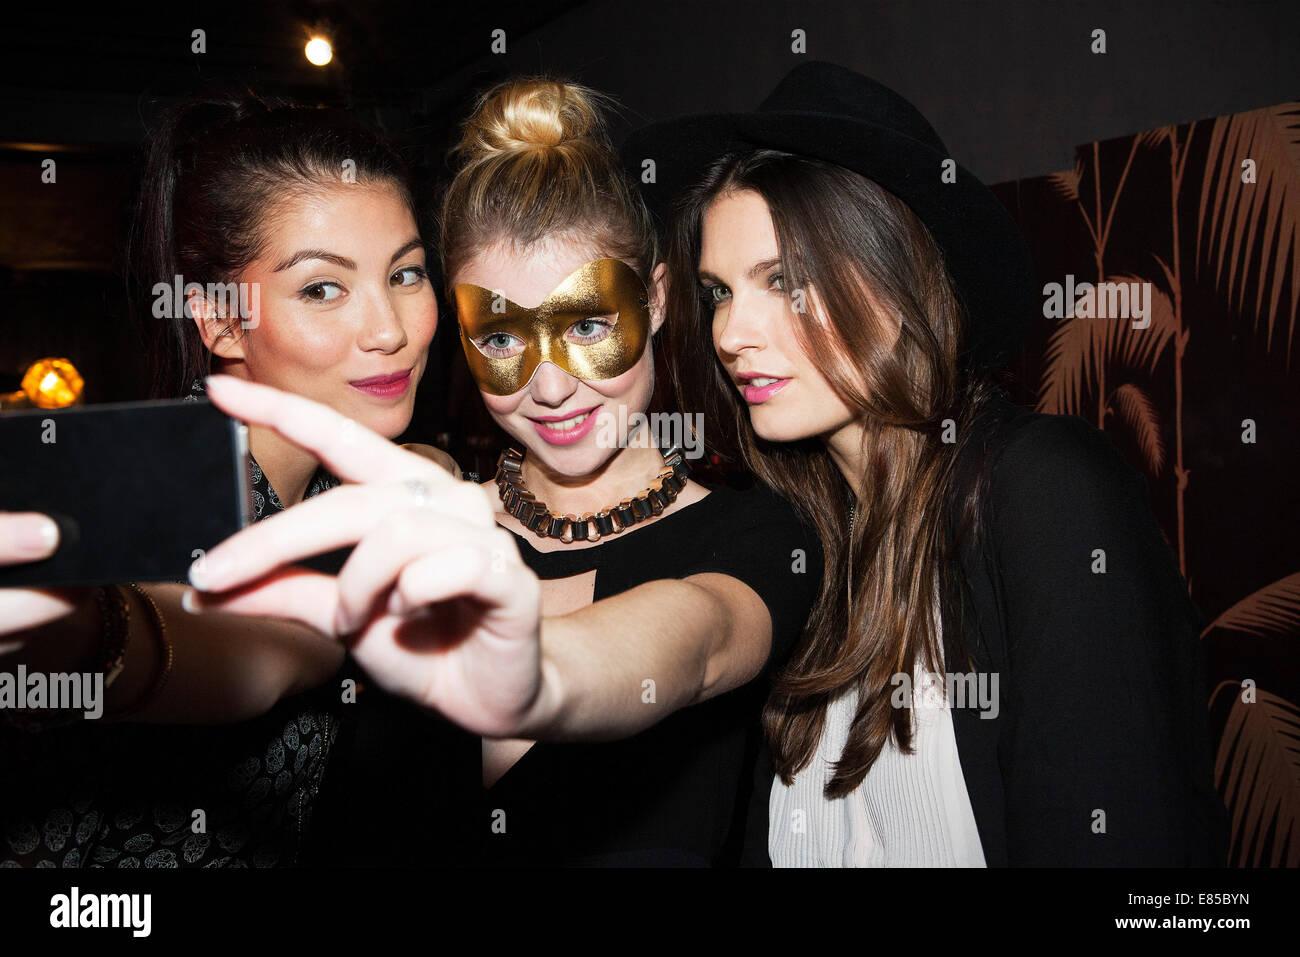 Mujer joven en night club teniendo selfie Imagen De Stock